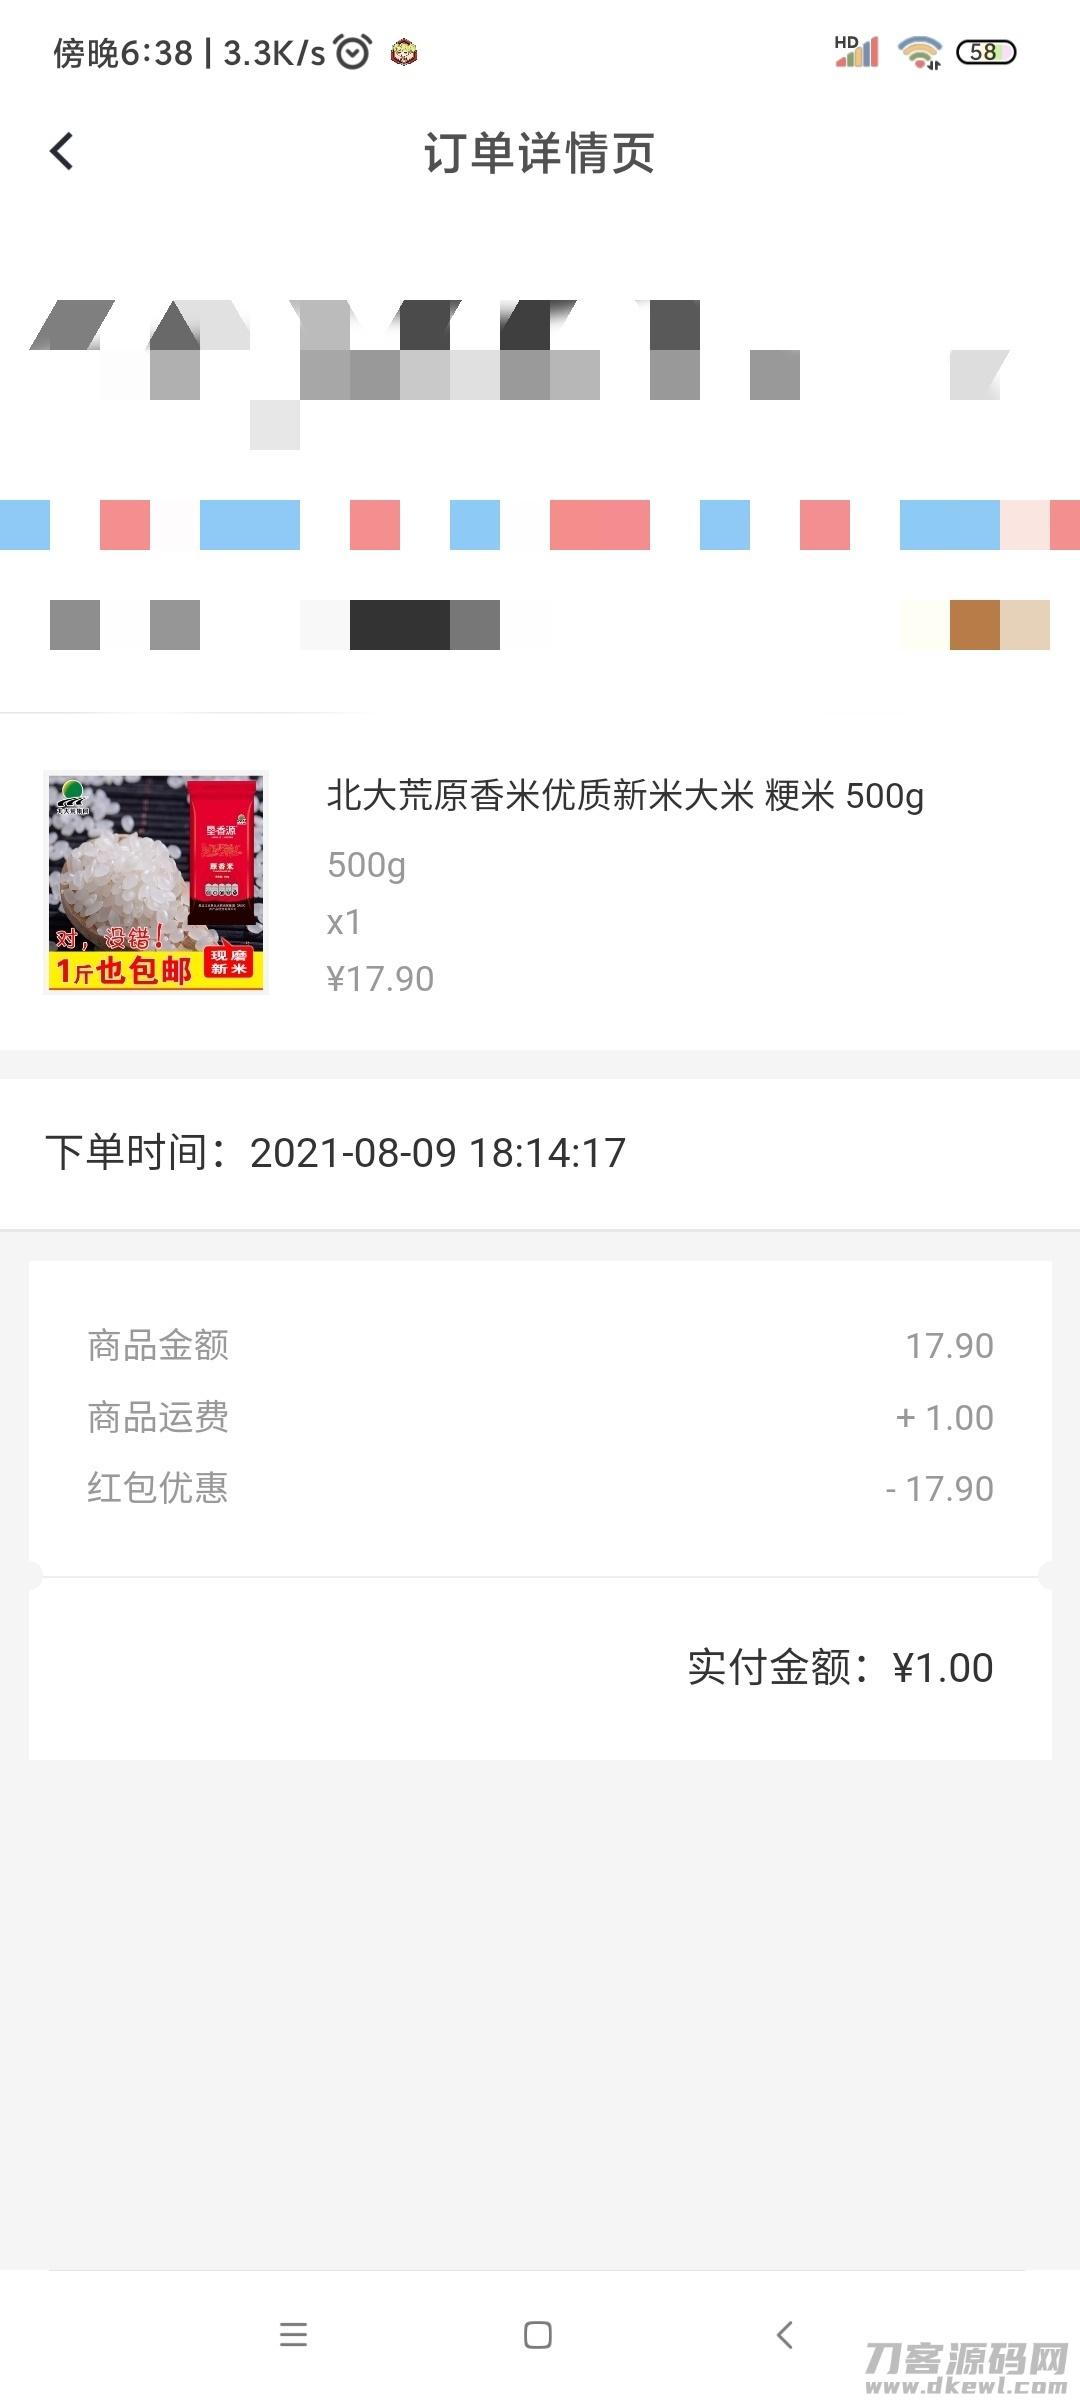 小米应用商店领1斤稻米插图